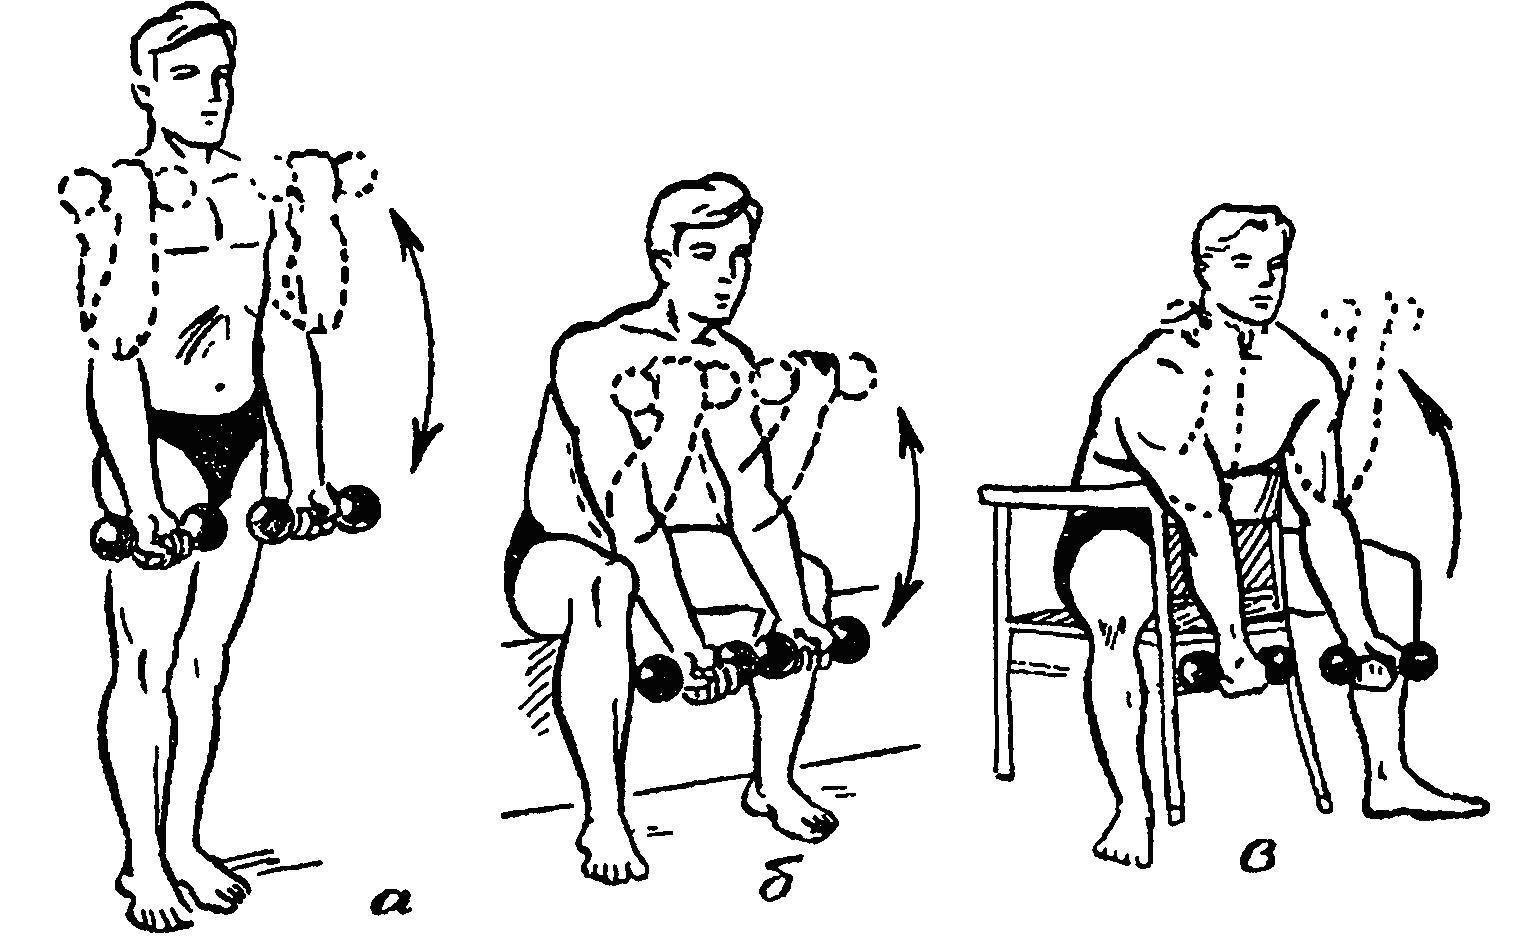 такие домашние упражнения с гантелями в картинках самое